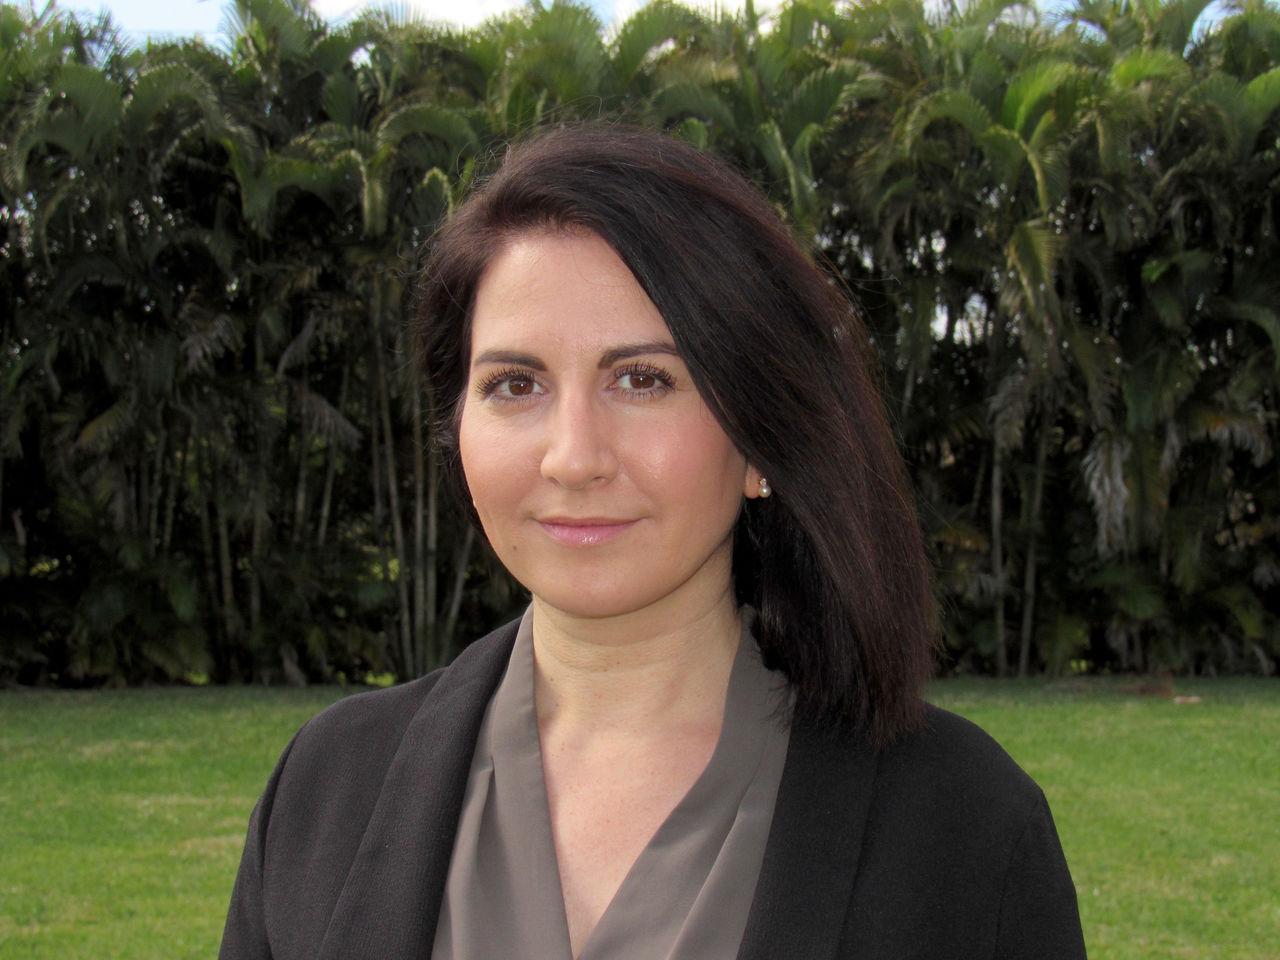 Propriété intellectuelle (marques, droits d'auteur, noms de domaine) aux Etats-Unis: contactez l'avocate Isabelle Jung Greenberg